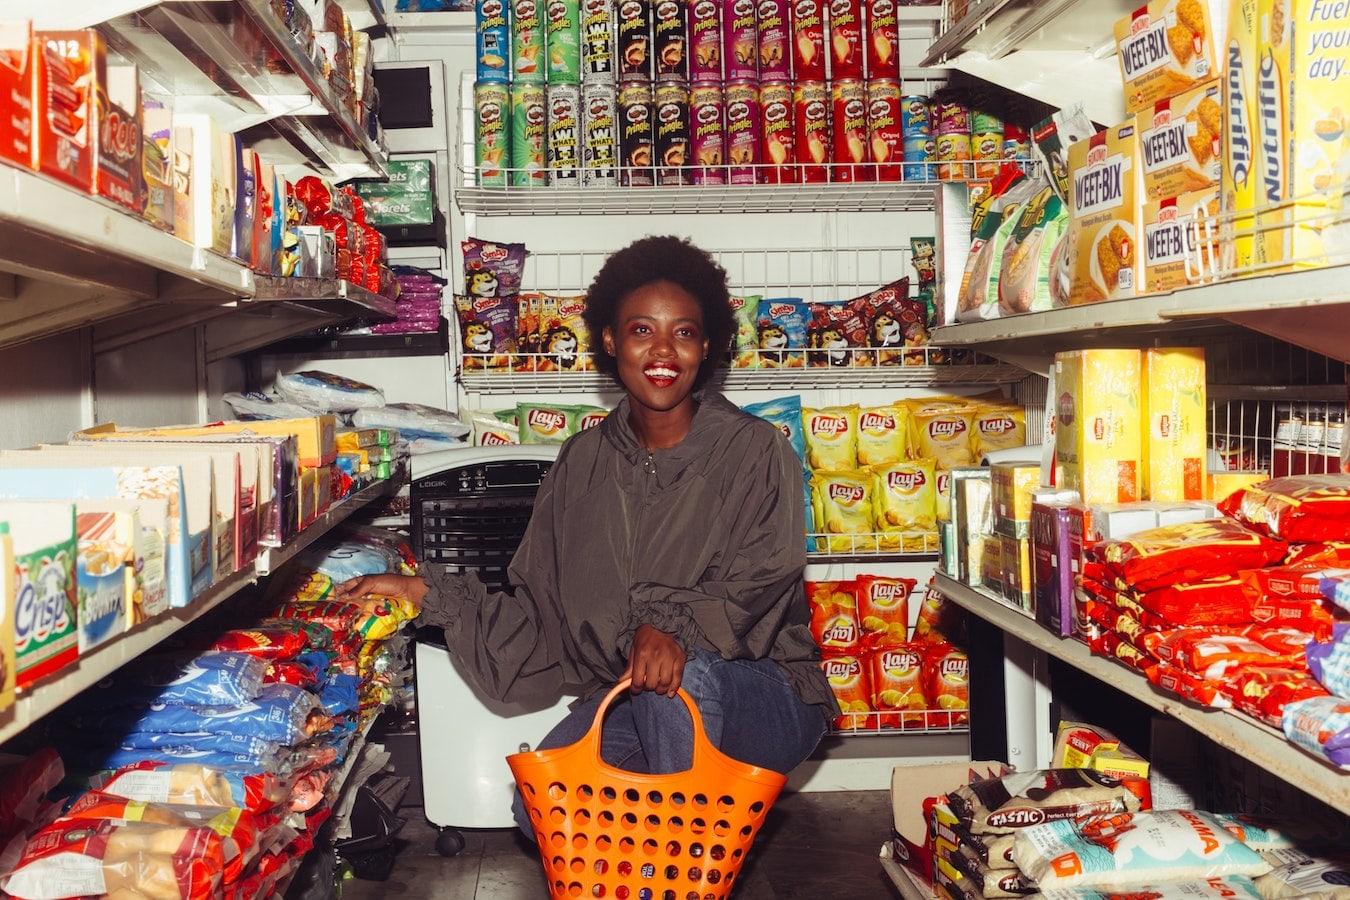 junge Frau im Laden mit viel Auswahl kann sich nicht entscheiden